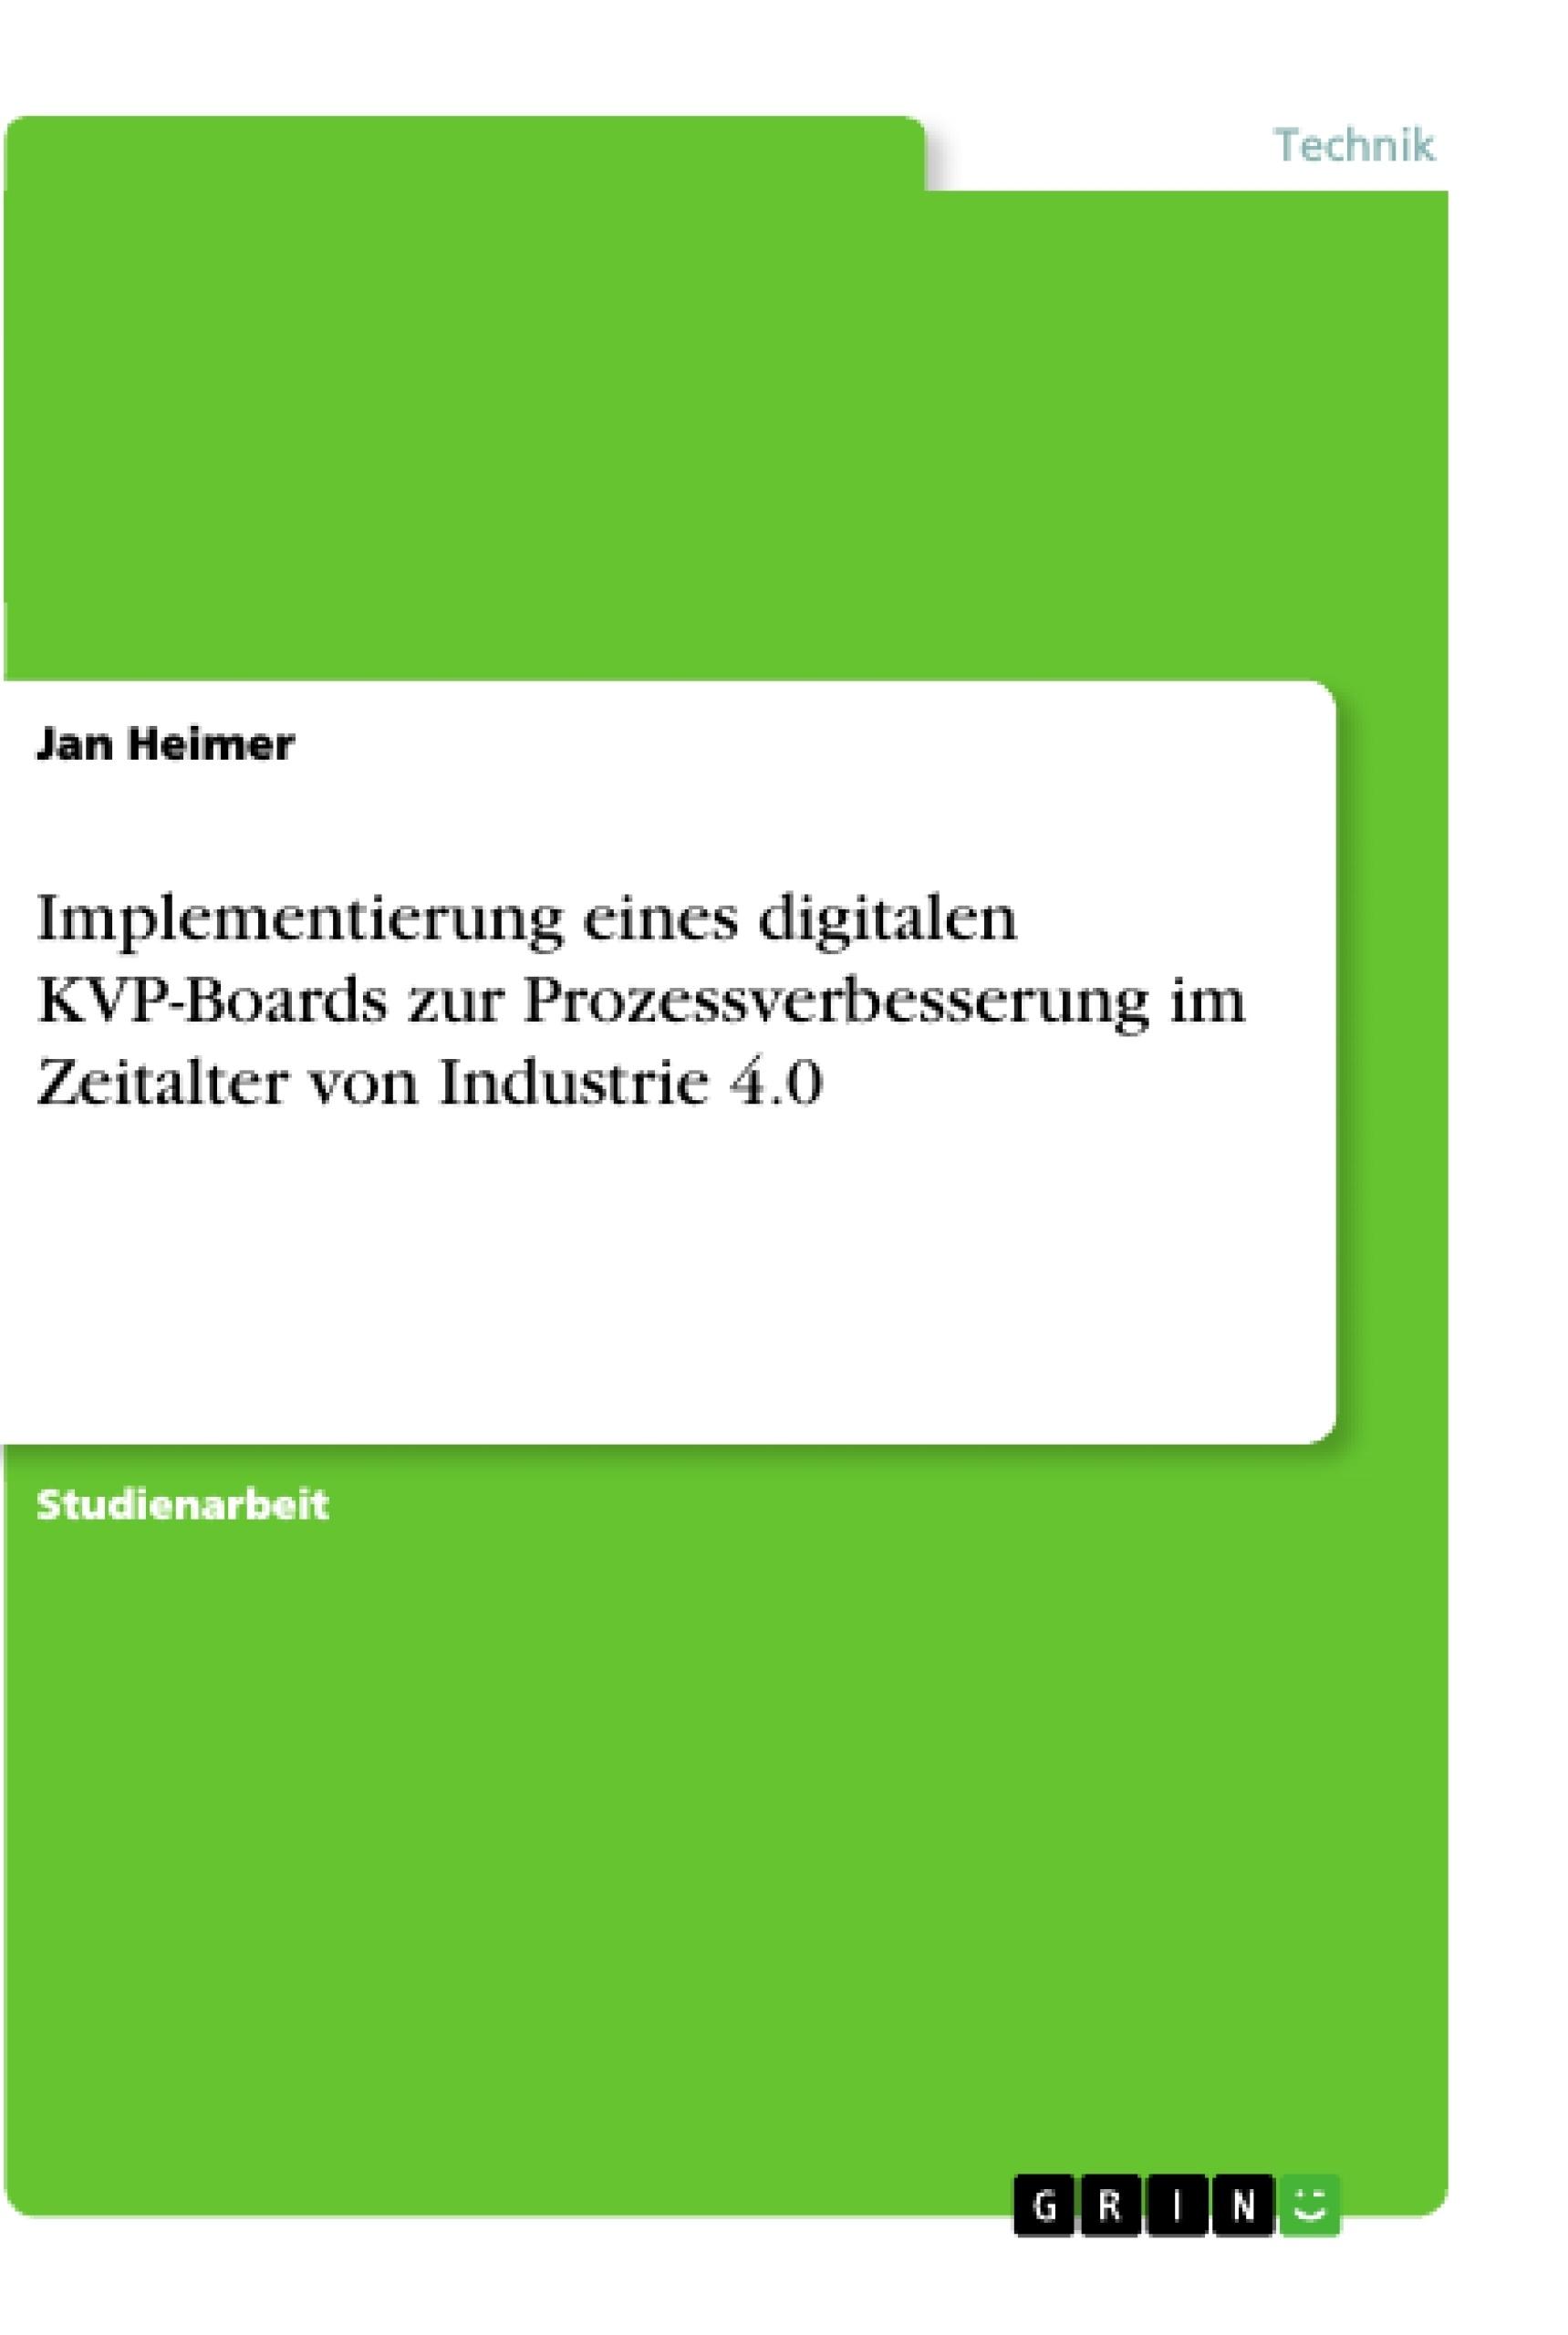 Titel: Implementierung eines digitalen KVP-Boards zur Prozessverbesserung im Zeitalter von Industrie 4.0